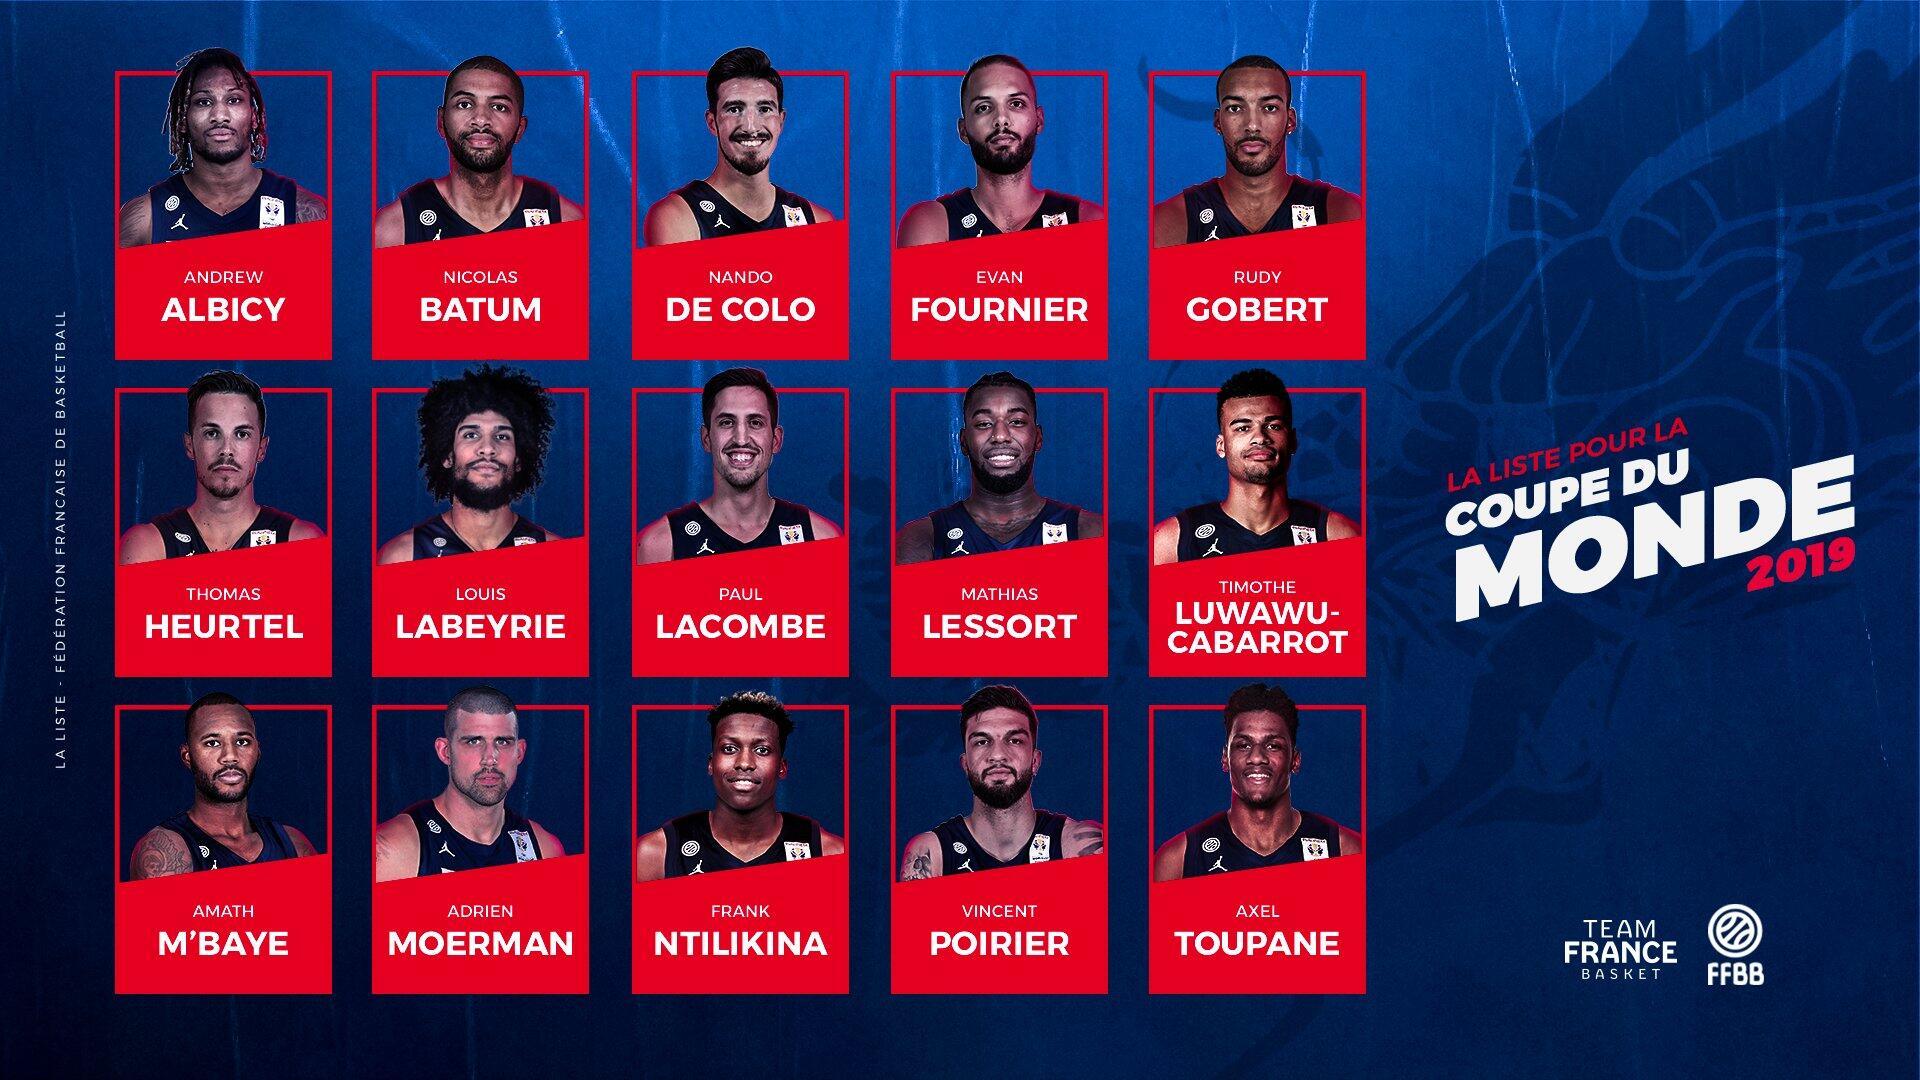 法国男篮公布15人训练营名单,戈贝尔、巴图姆领衔